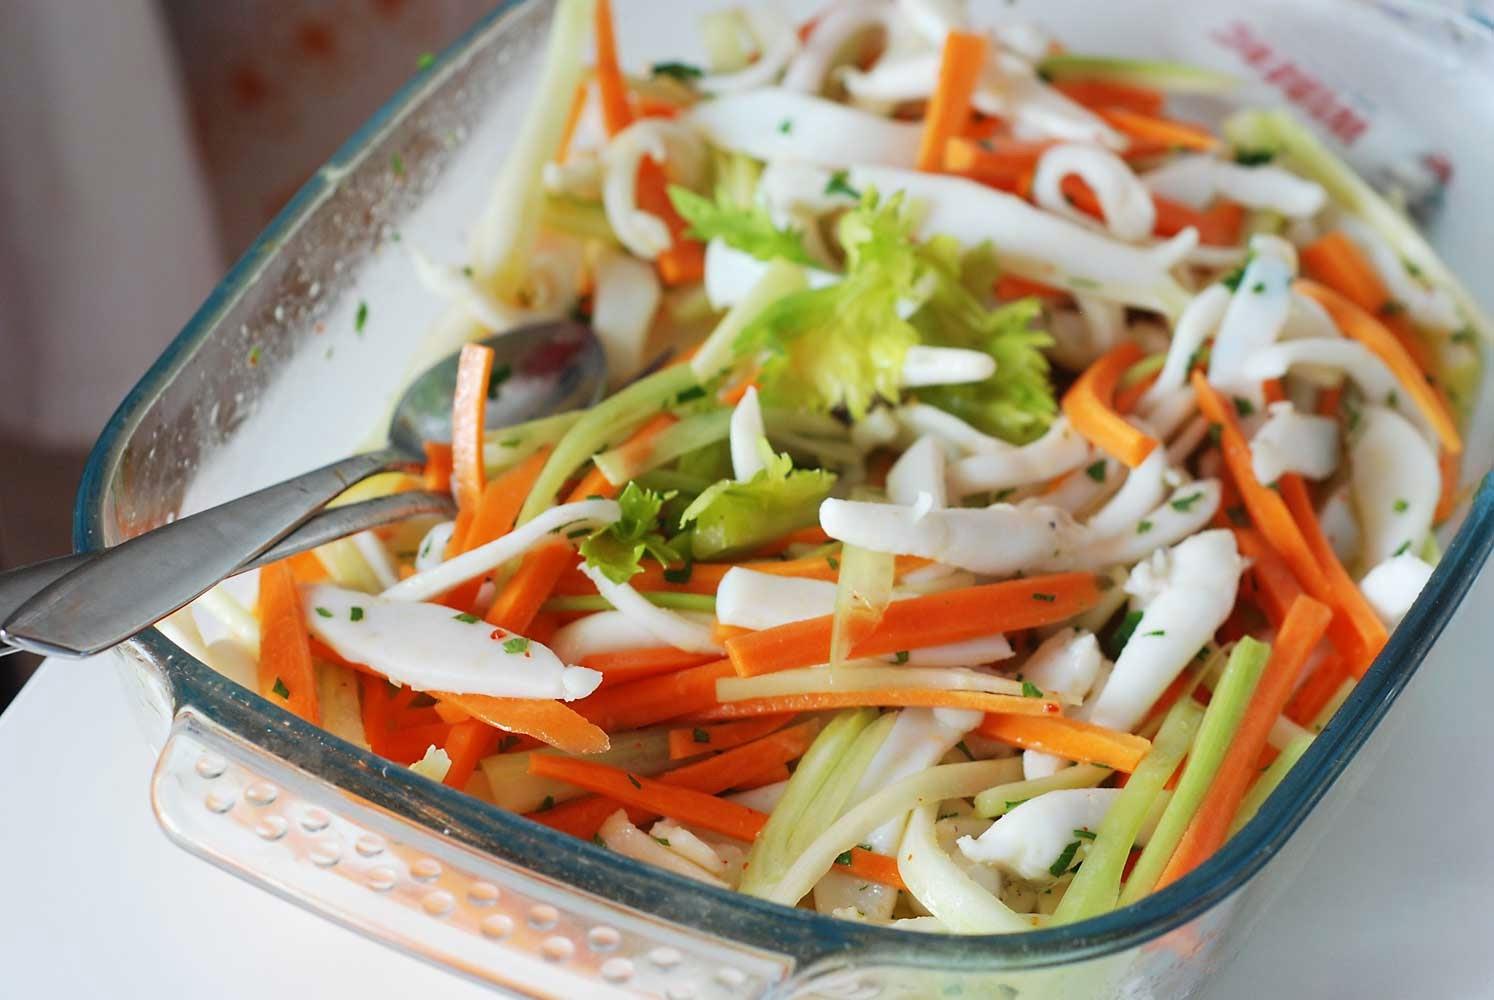 Preferenza Rossa di sera: Julienne di seppie con carote e sedano in insalata MQ17